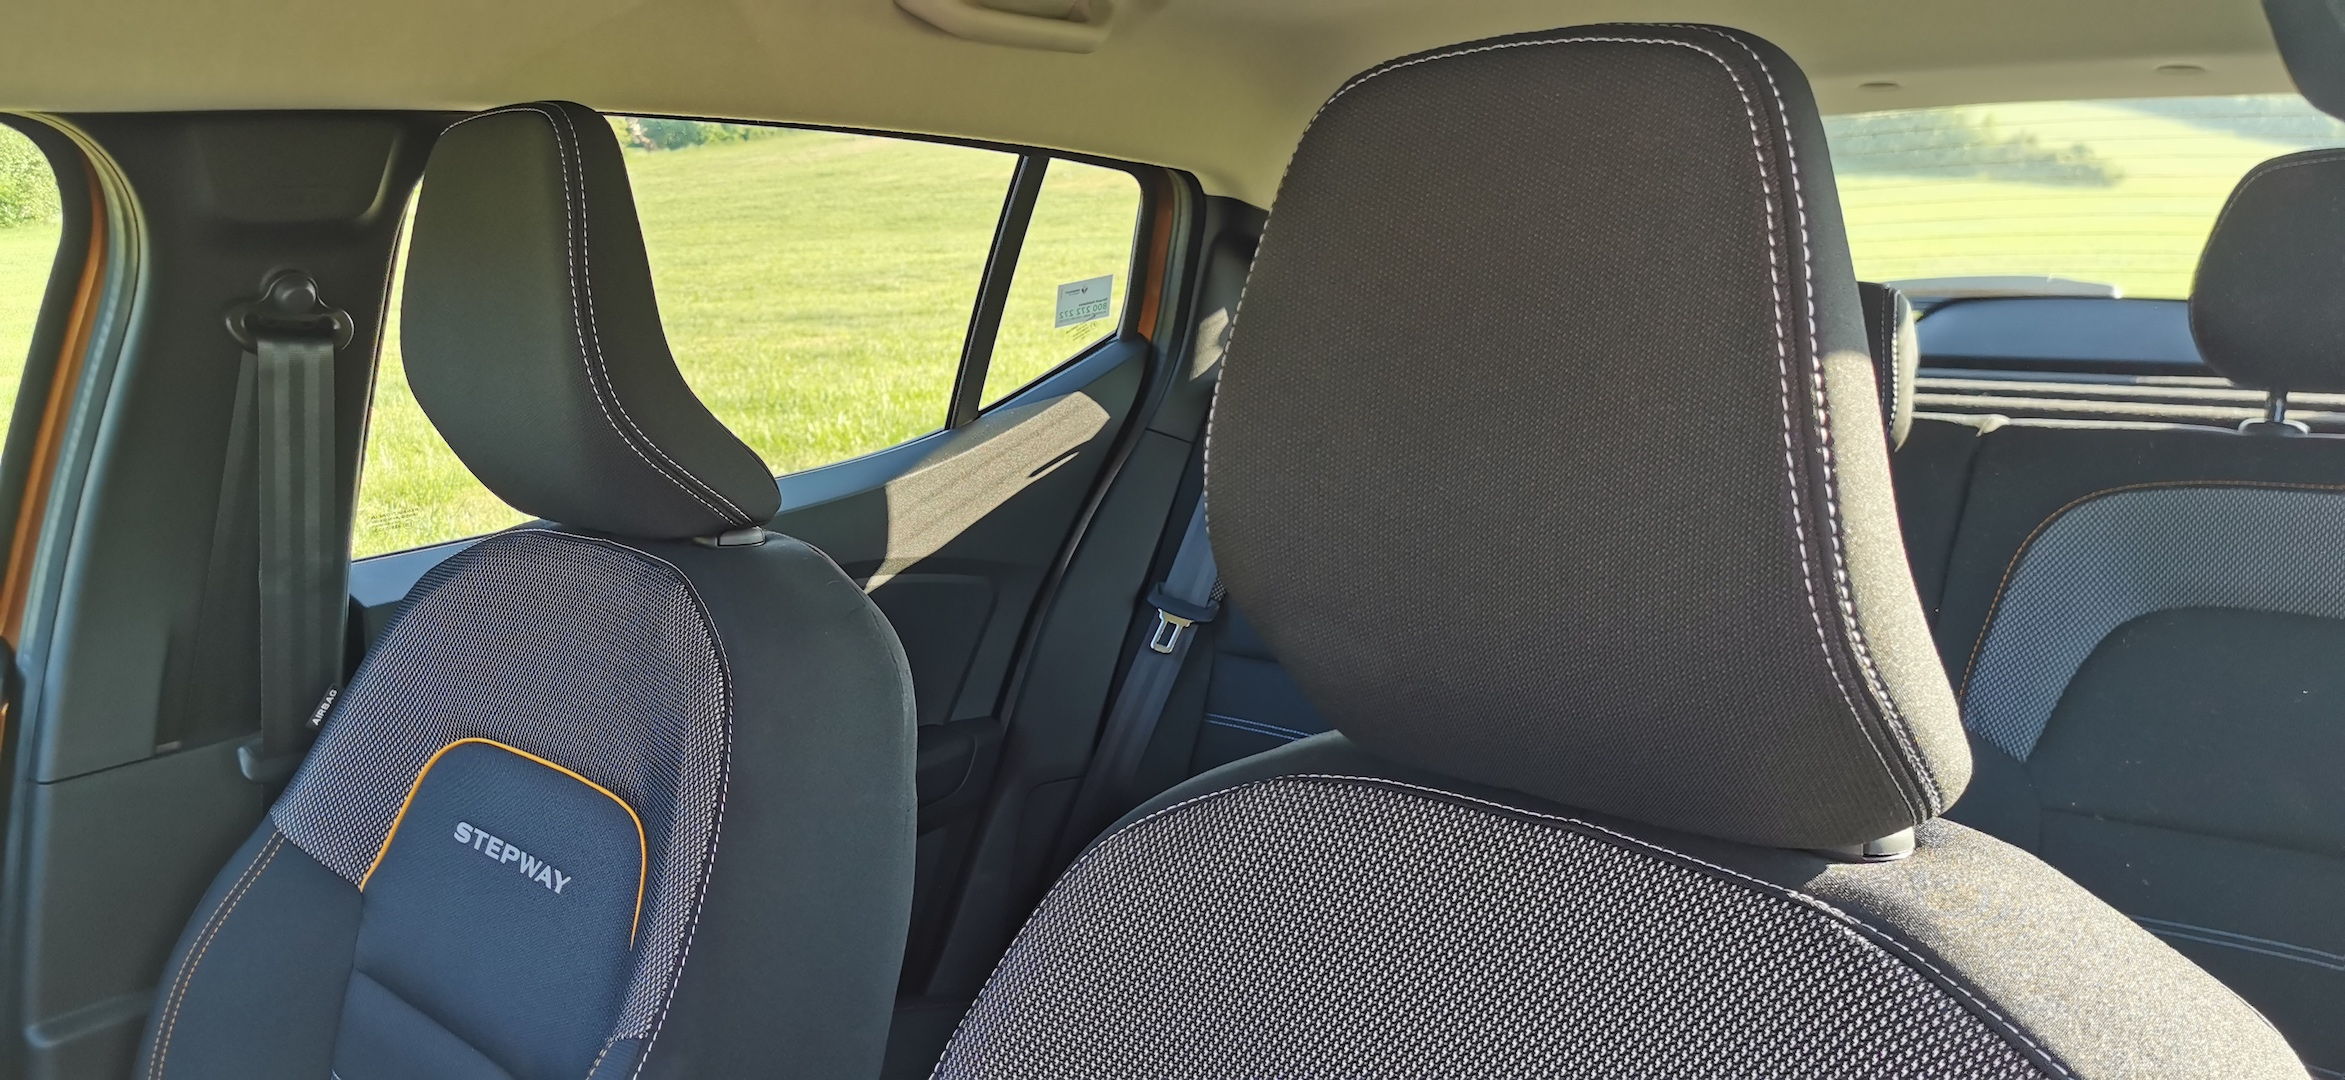 Dacia Sandero Stepway 1,0 TCe LPG - sedačky